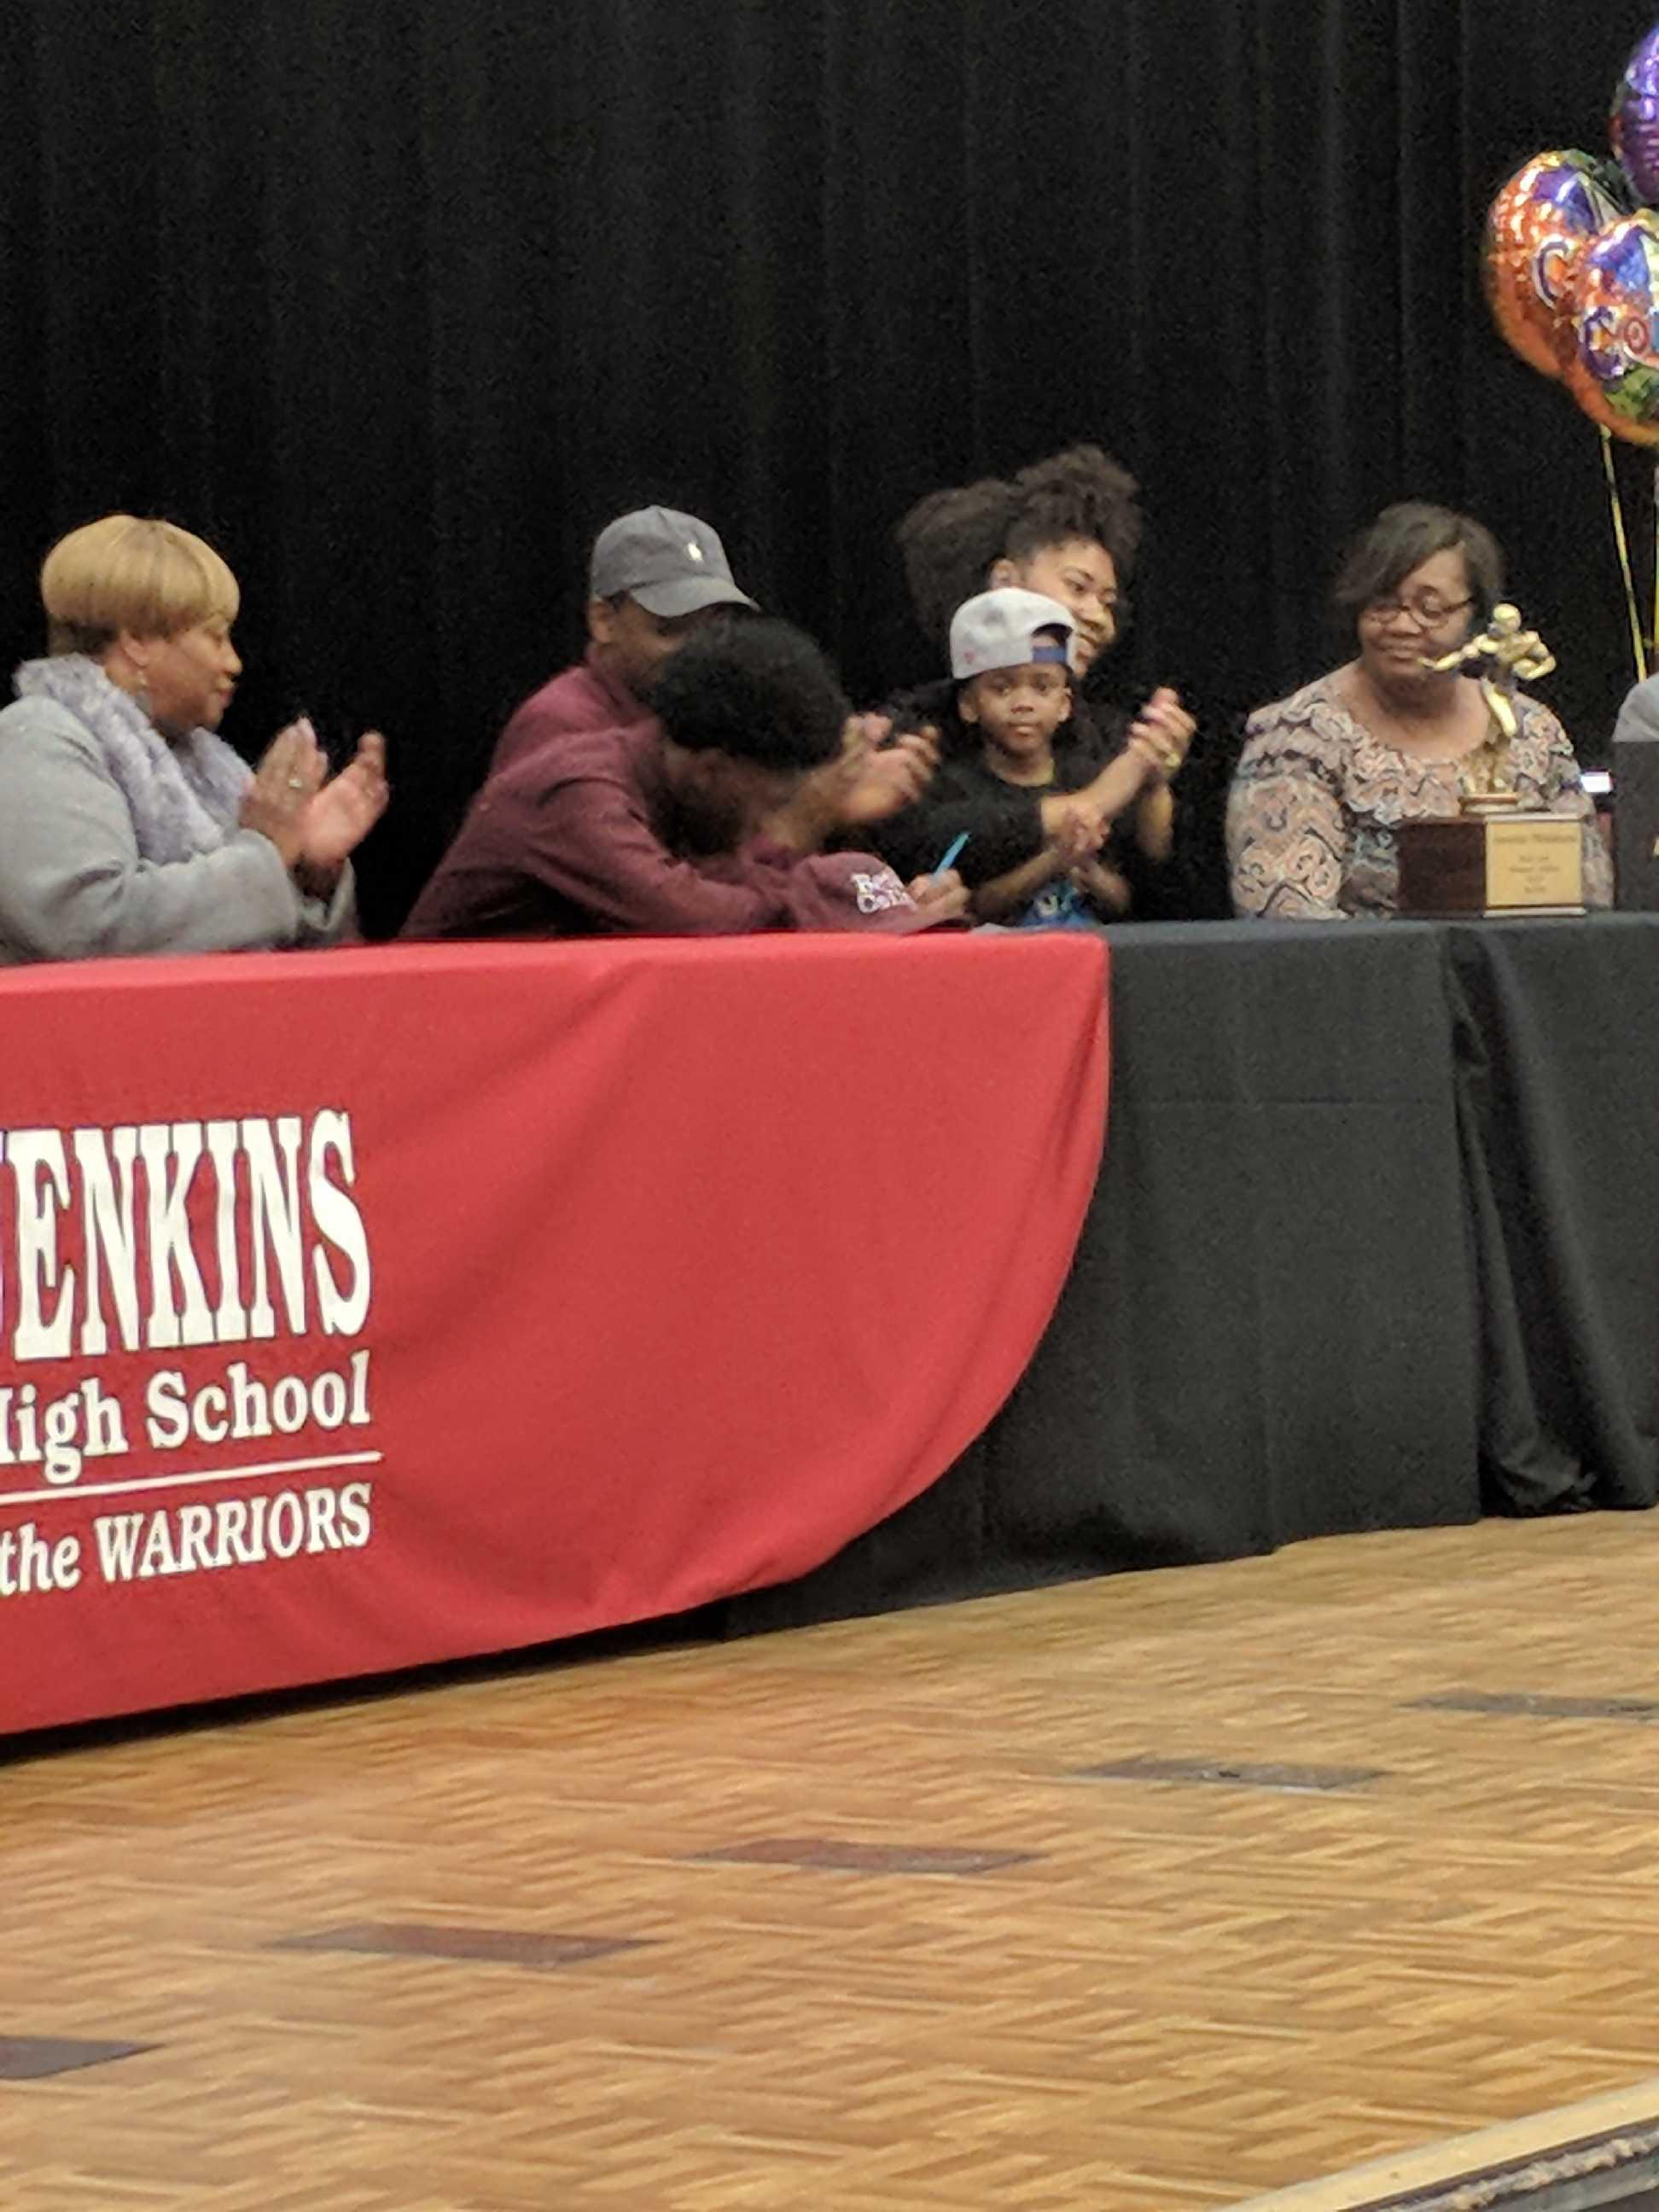 Jenkin's Signing